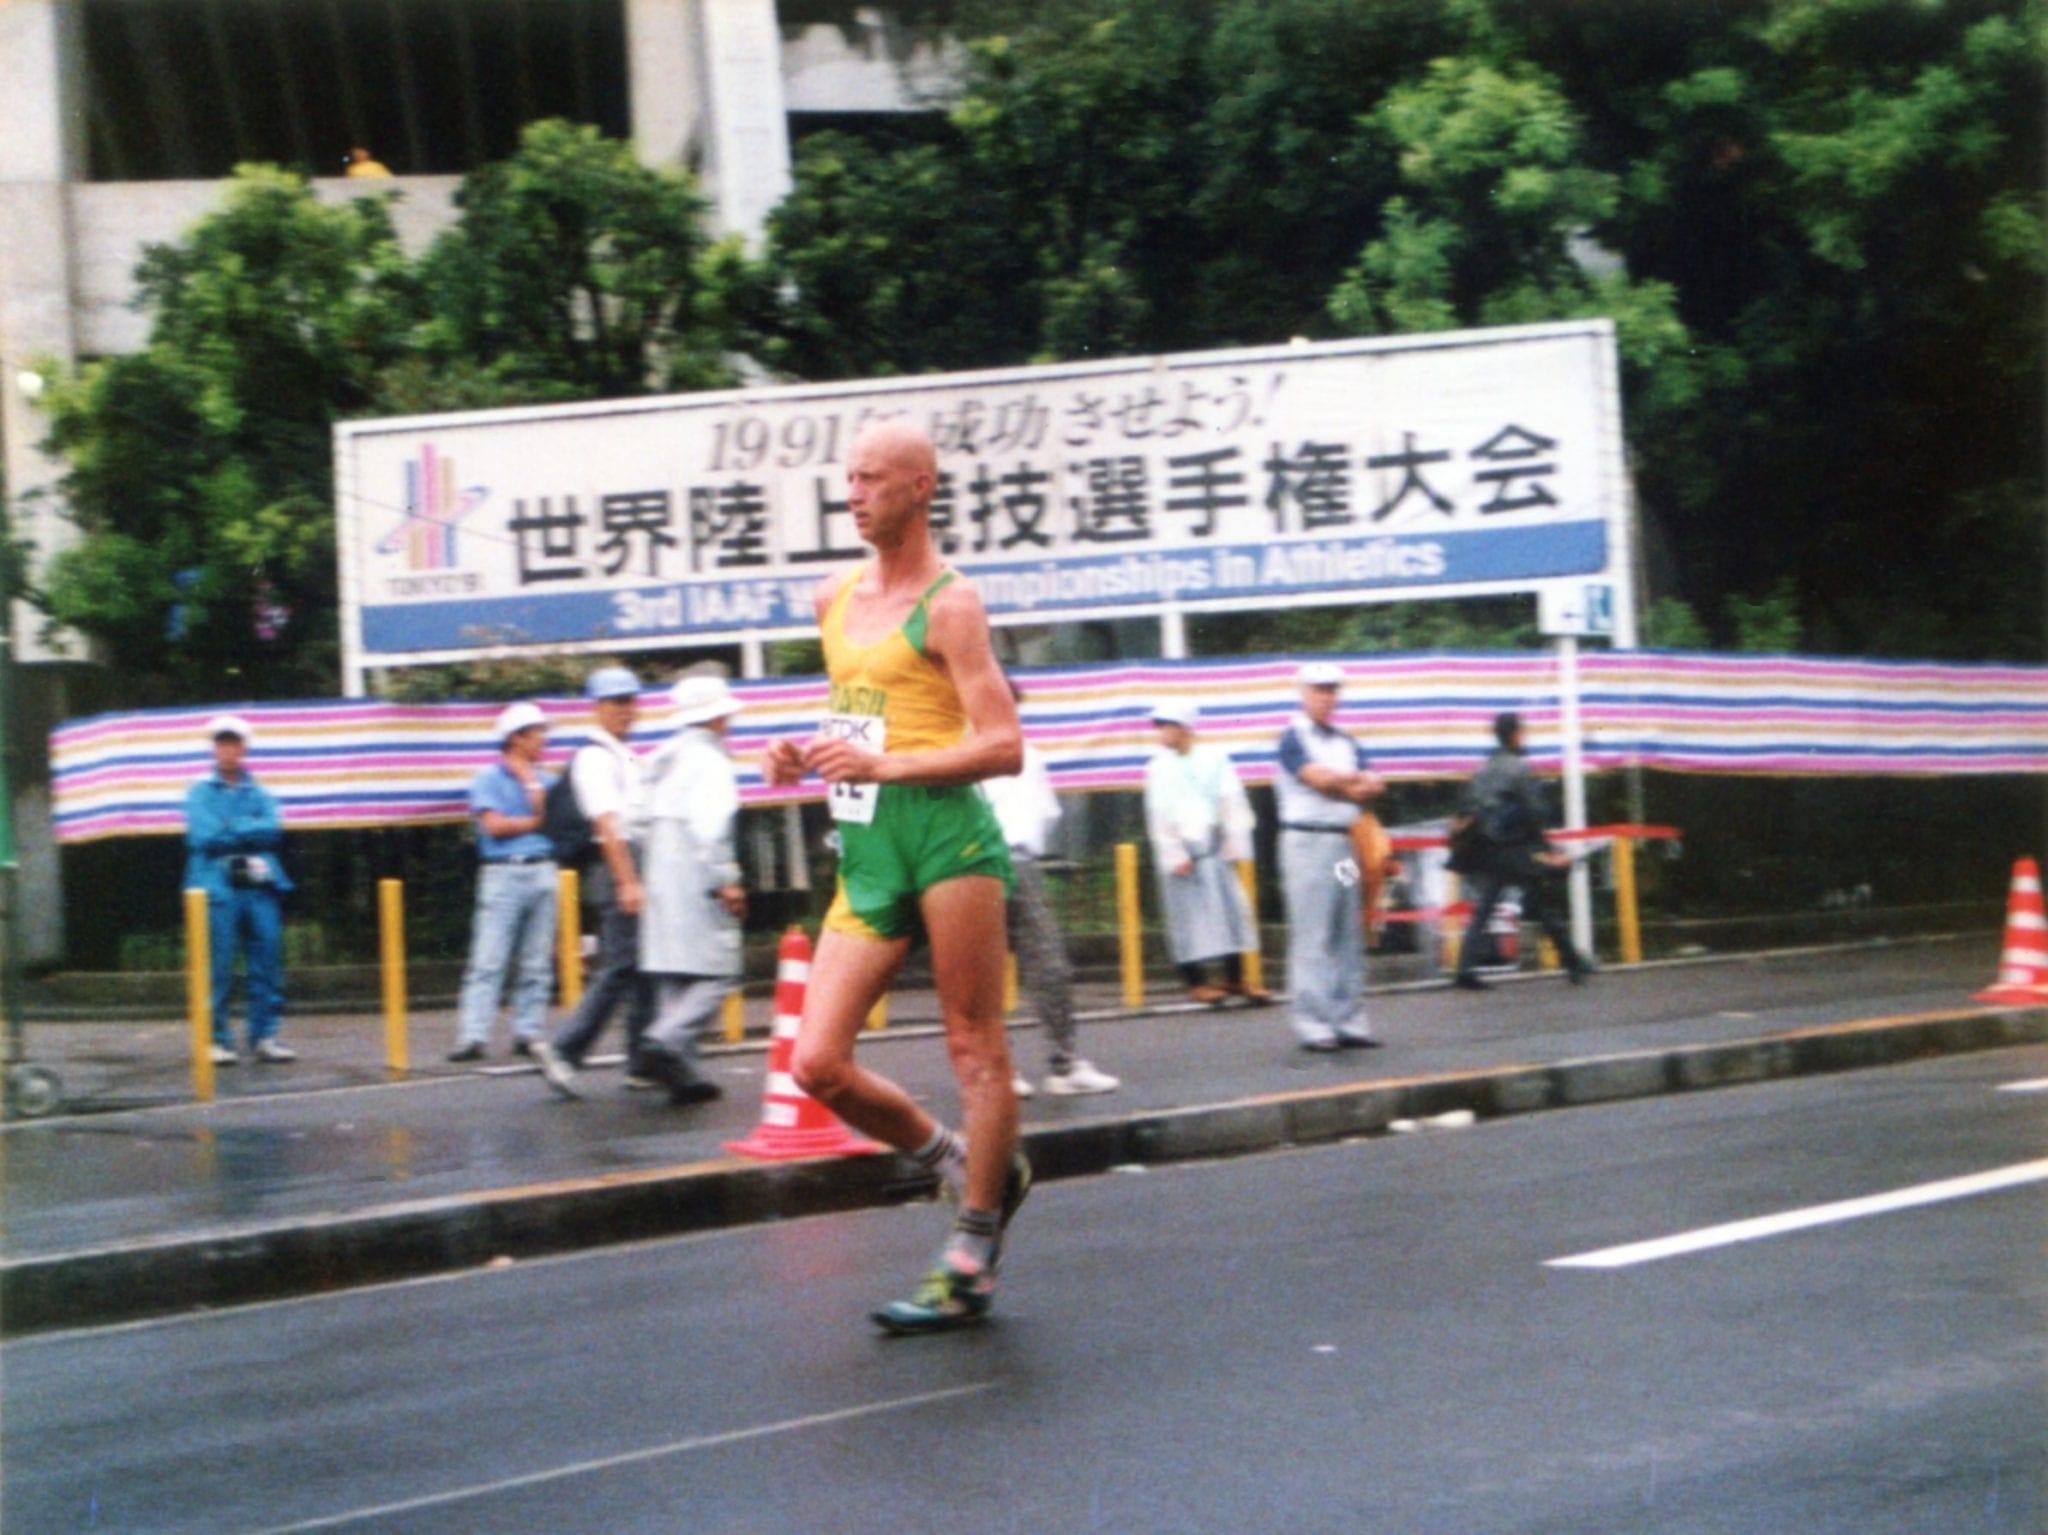 Psicólogo Esportivo Marcelo Prahas competindo no campeonato mundial de atletismo em 1991. Na época, ele Marcelo Moreira Palma, recordista sul-americano da prova de 20 km marcha.